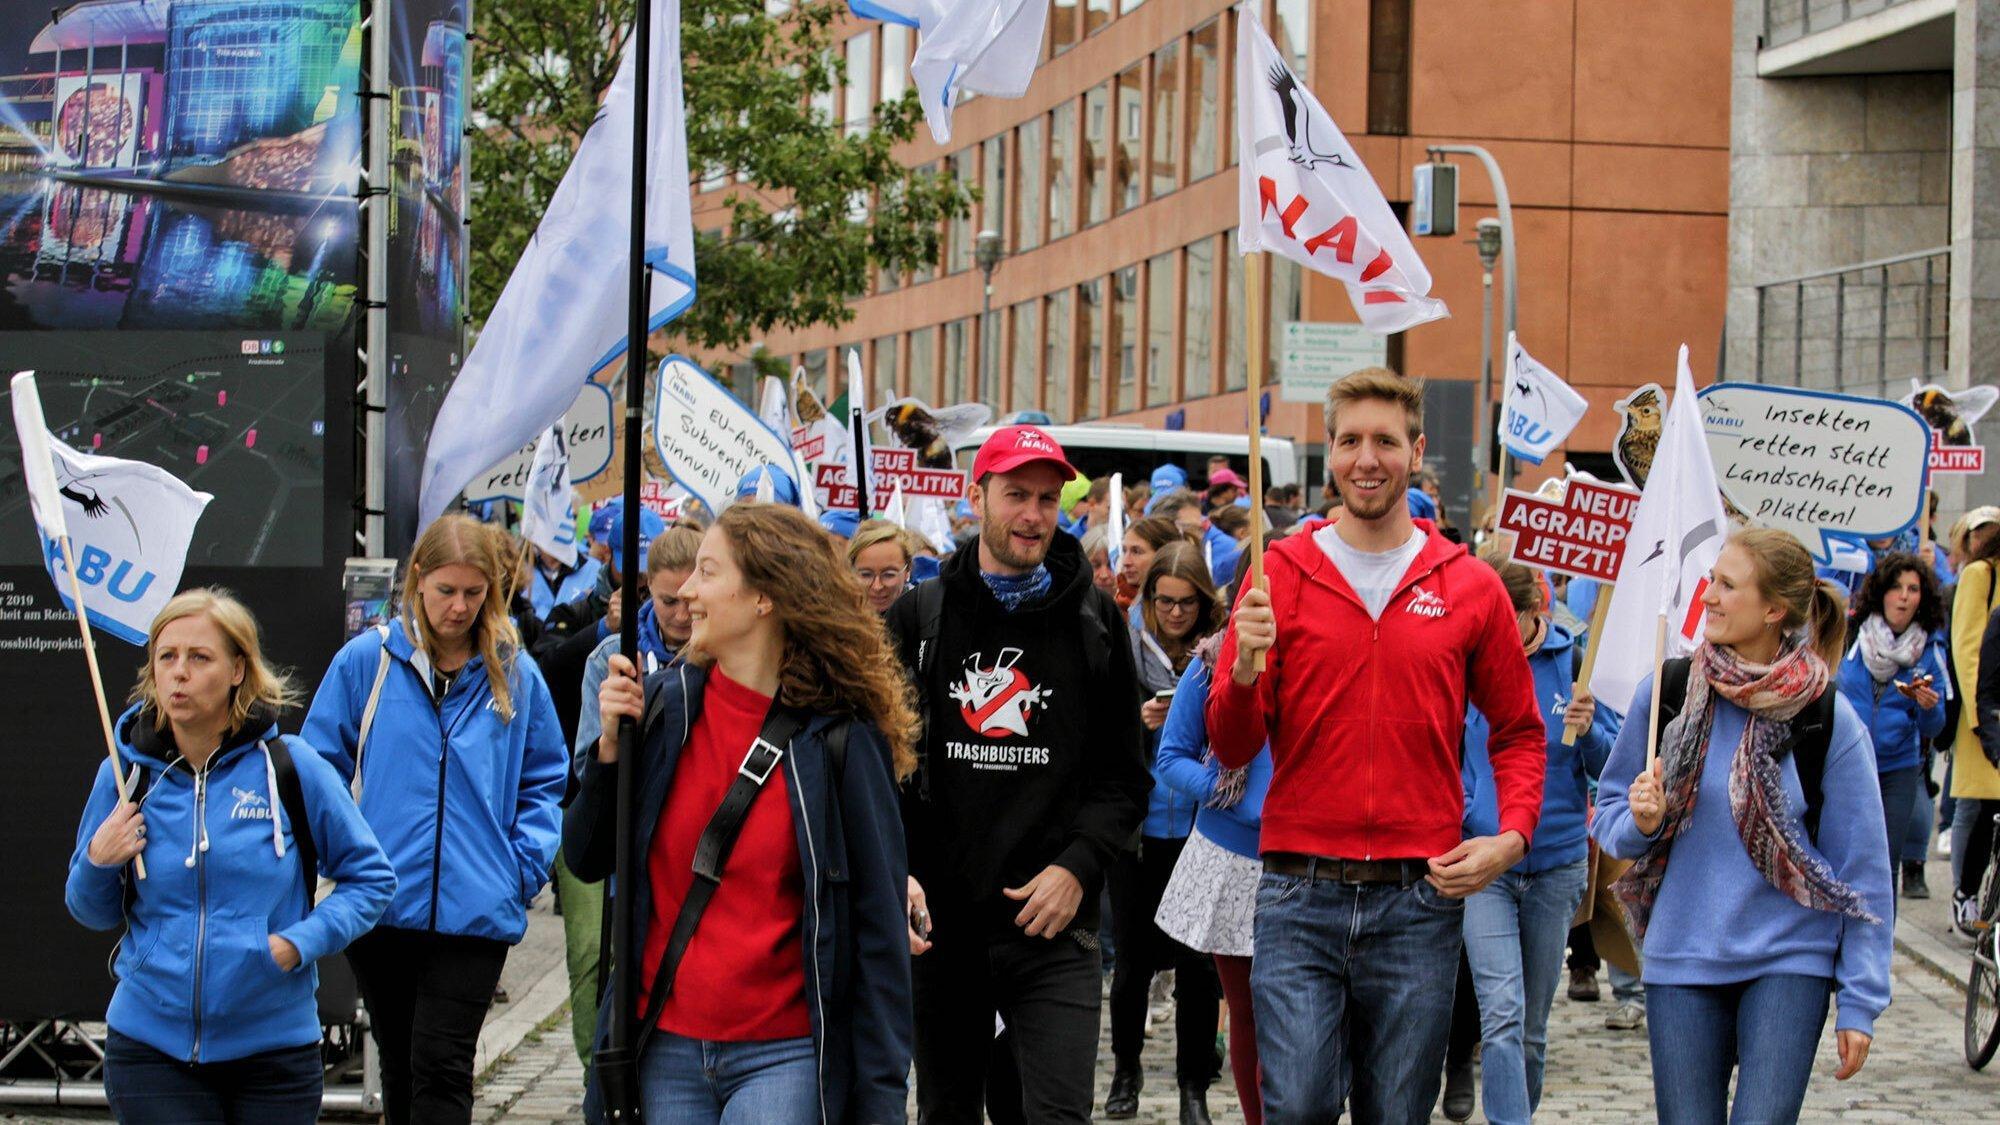 Nabu und Naju demonstrieren mit Fridays for Future für eine Politik des konsequenten Klimaschutzes.